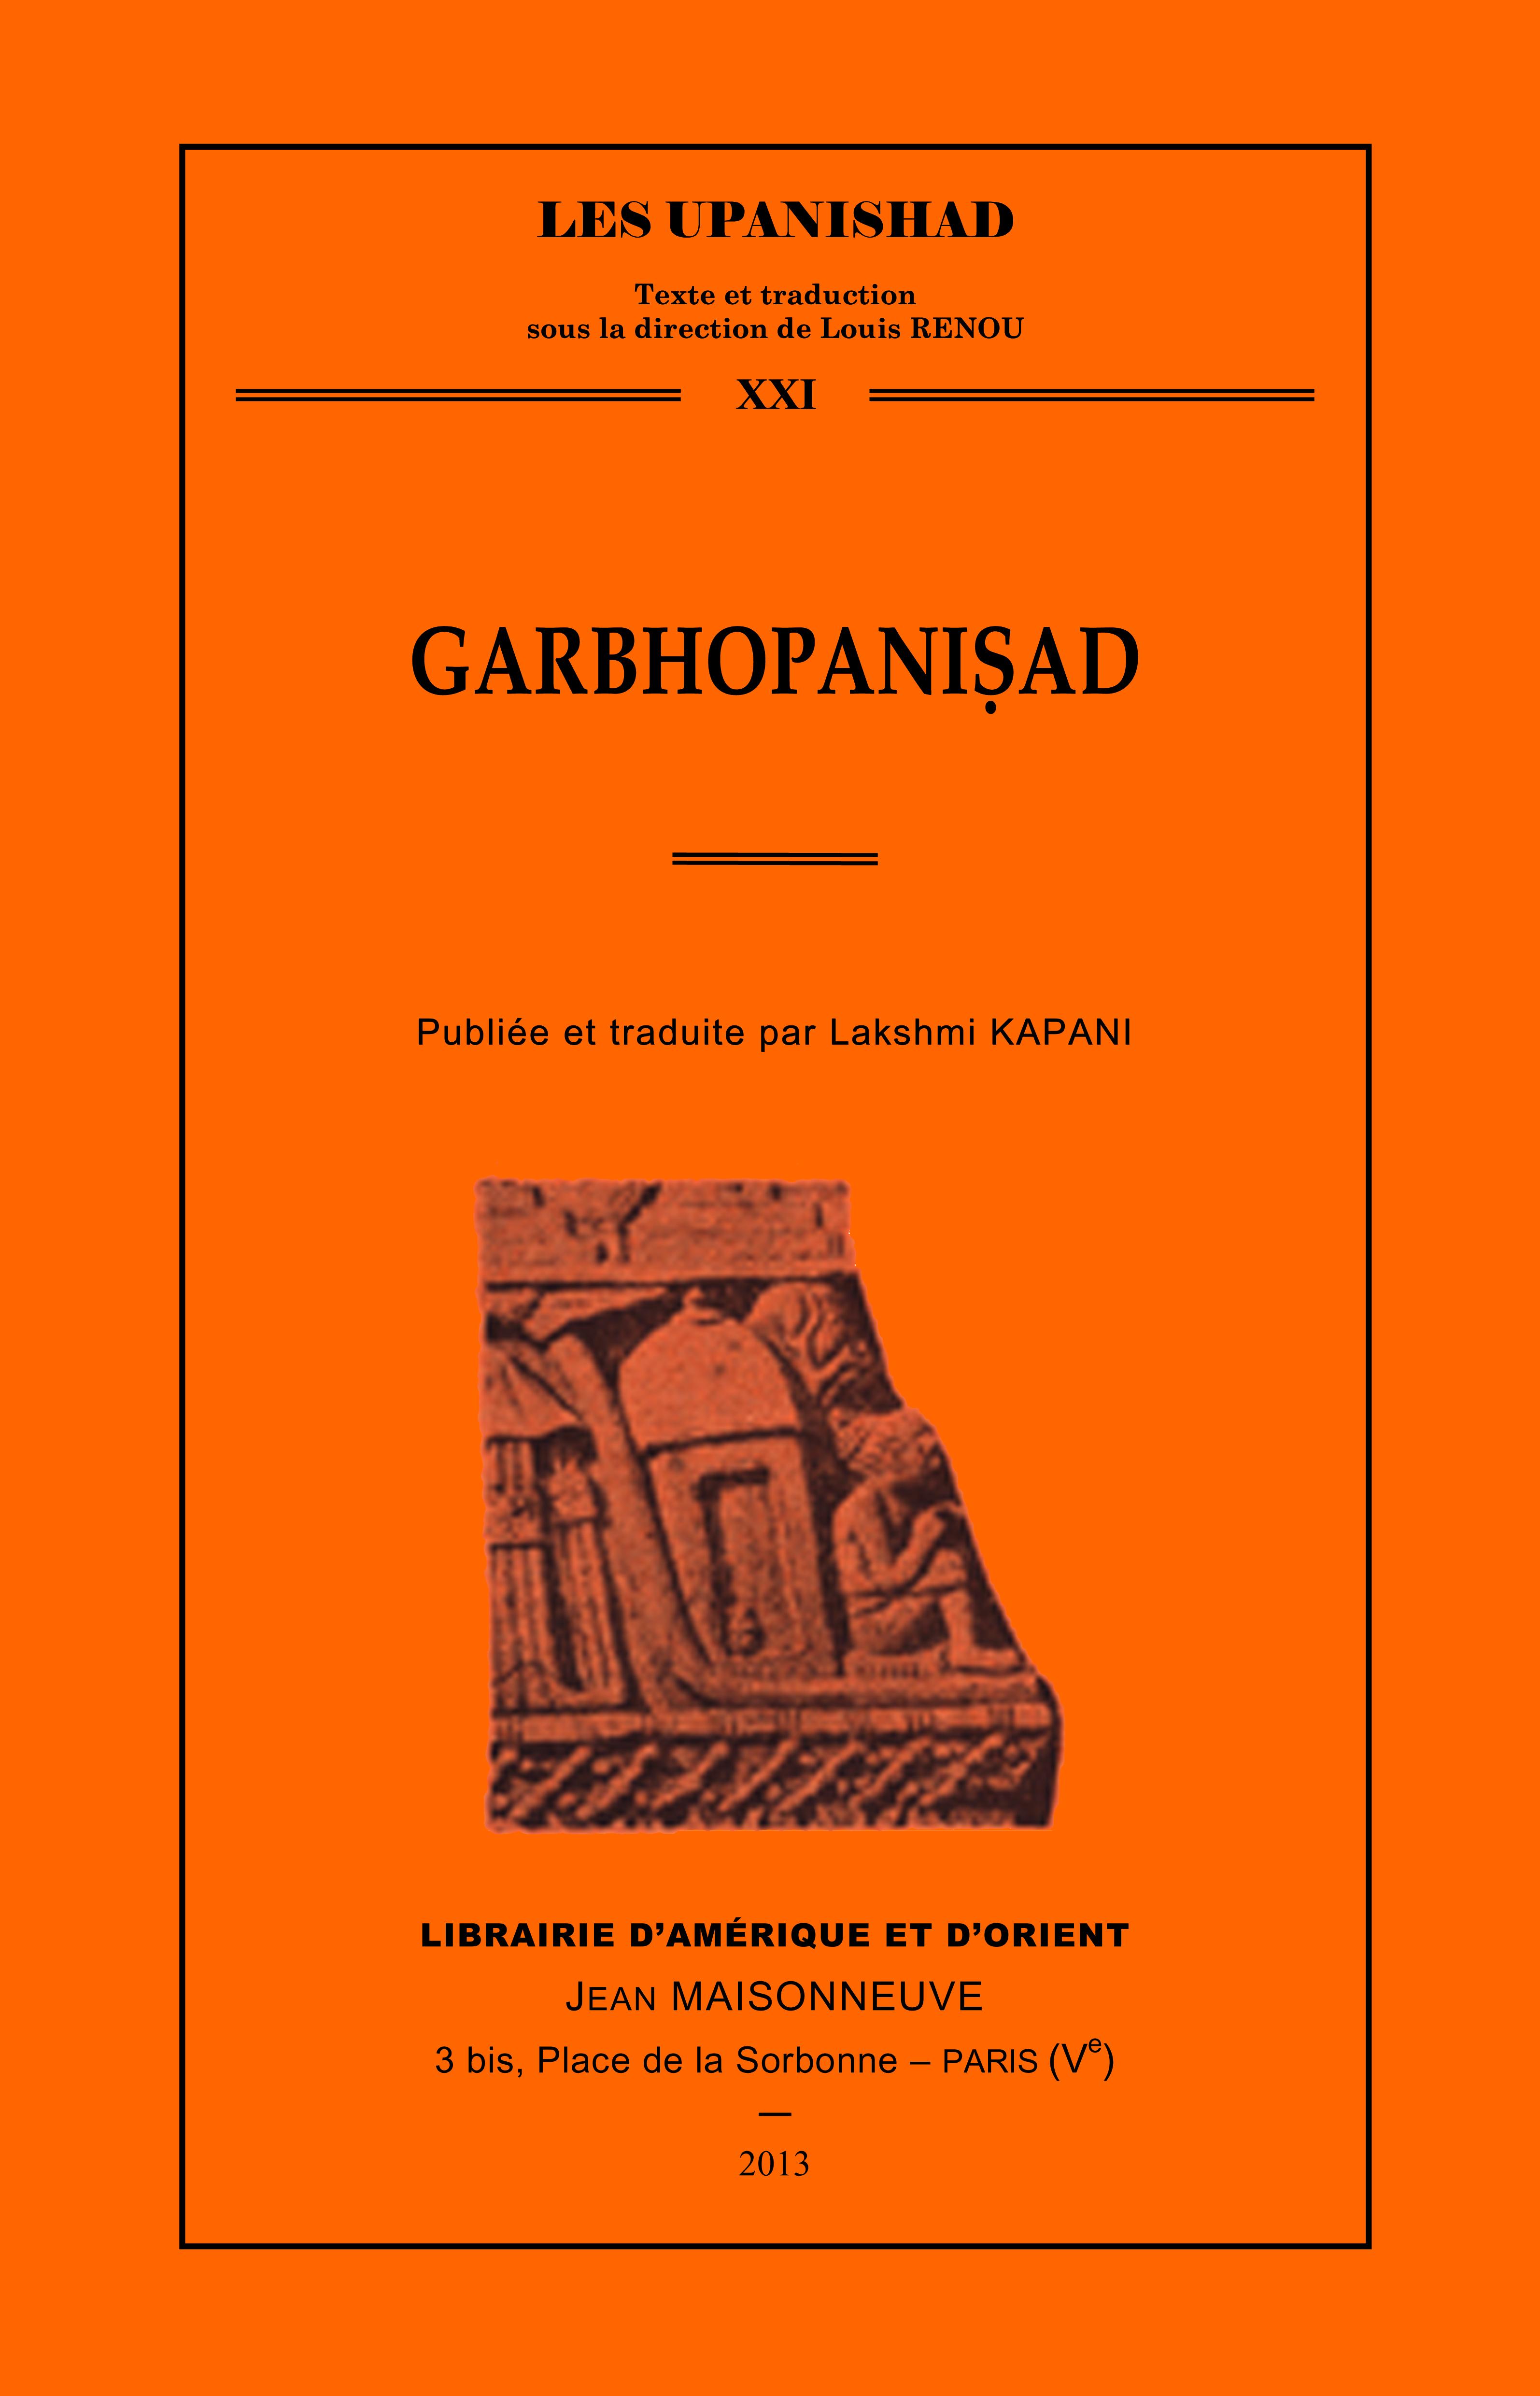 GARBHOPANISAD, PUBLIEE ET TRADUITE PAR LAKSHMI KAPANI.